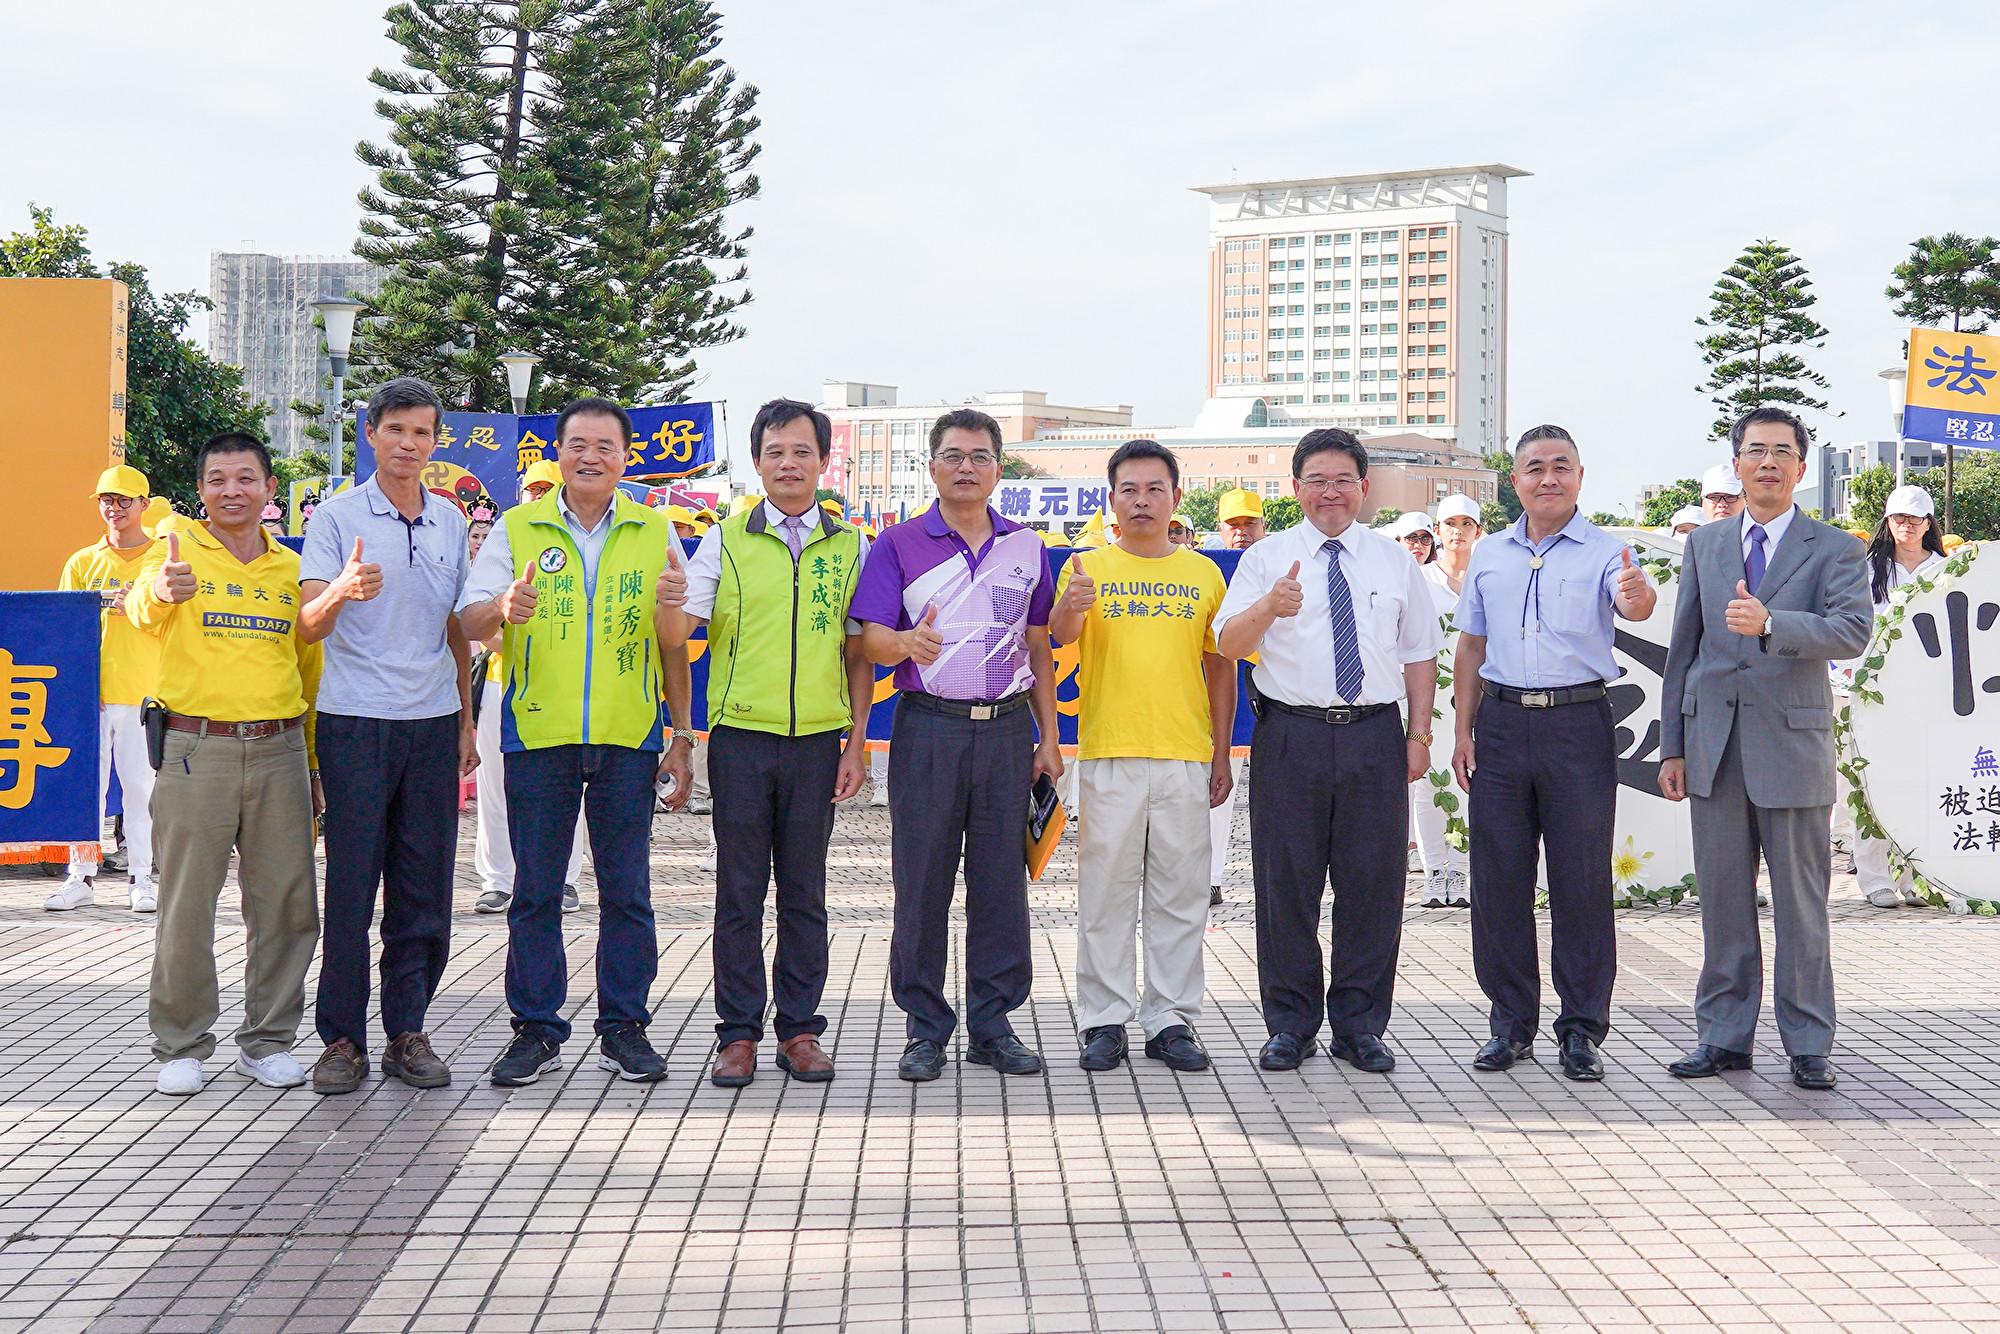 2019年7月14日,台灣中區逾千名部份法輪功學員在彰化舉行反迫害20周年遊行暨悼念會。(龔安妮/大紀元)